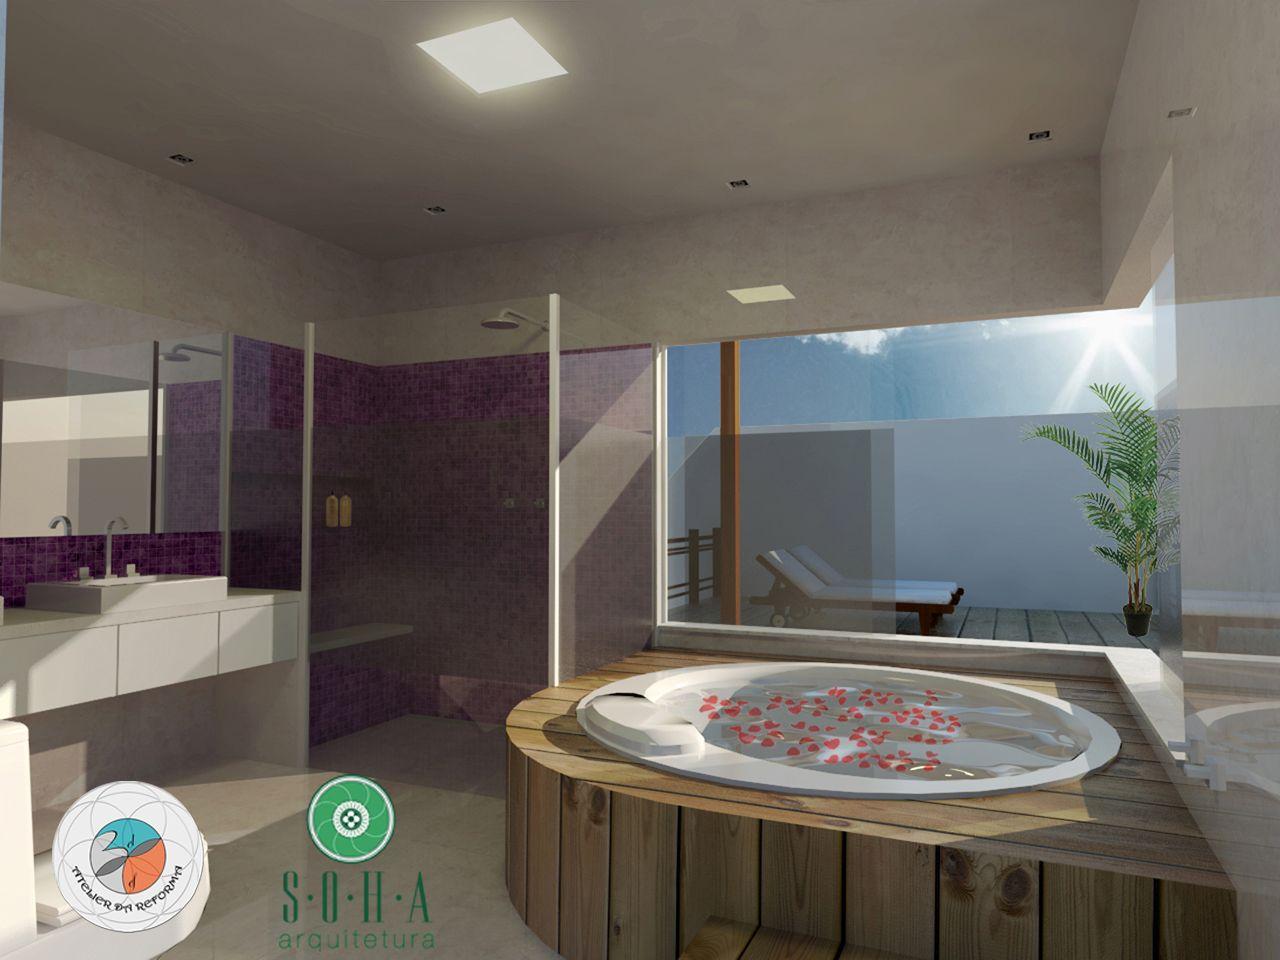 Pin by Bel e Tef Atelier da Reforma on NOSSOS PROJETOS (3D) Pintere  #7B6650 1280 960